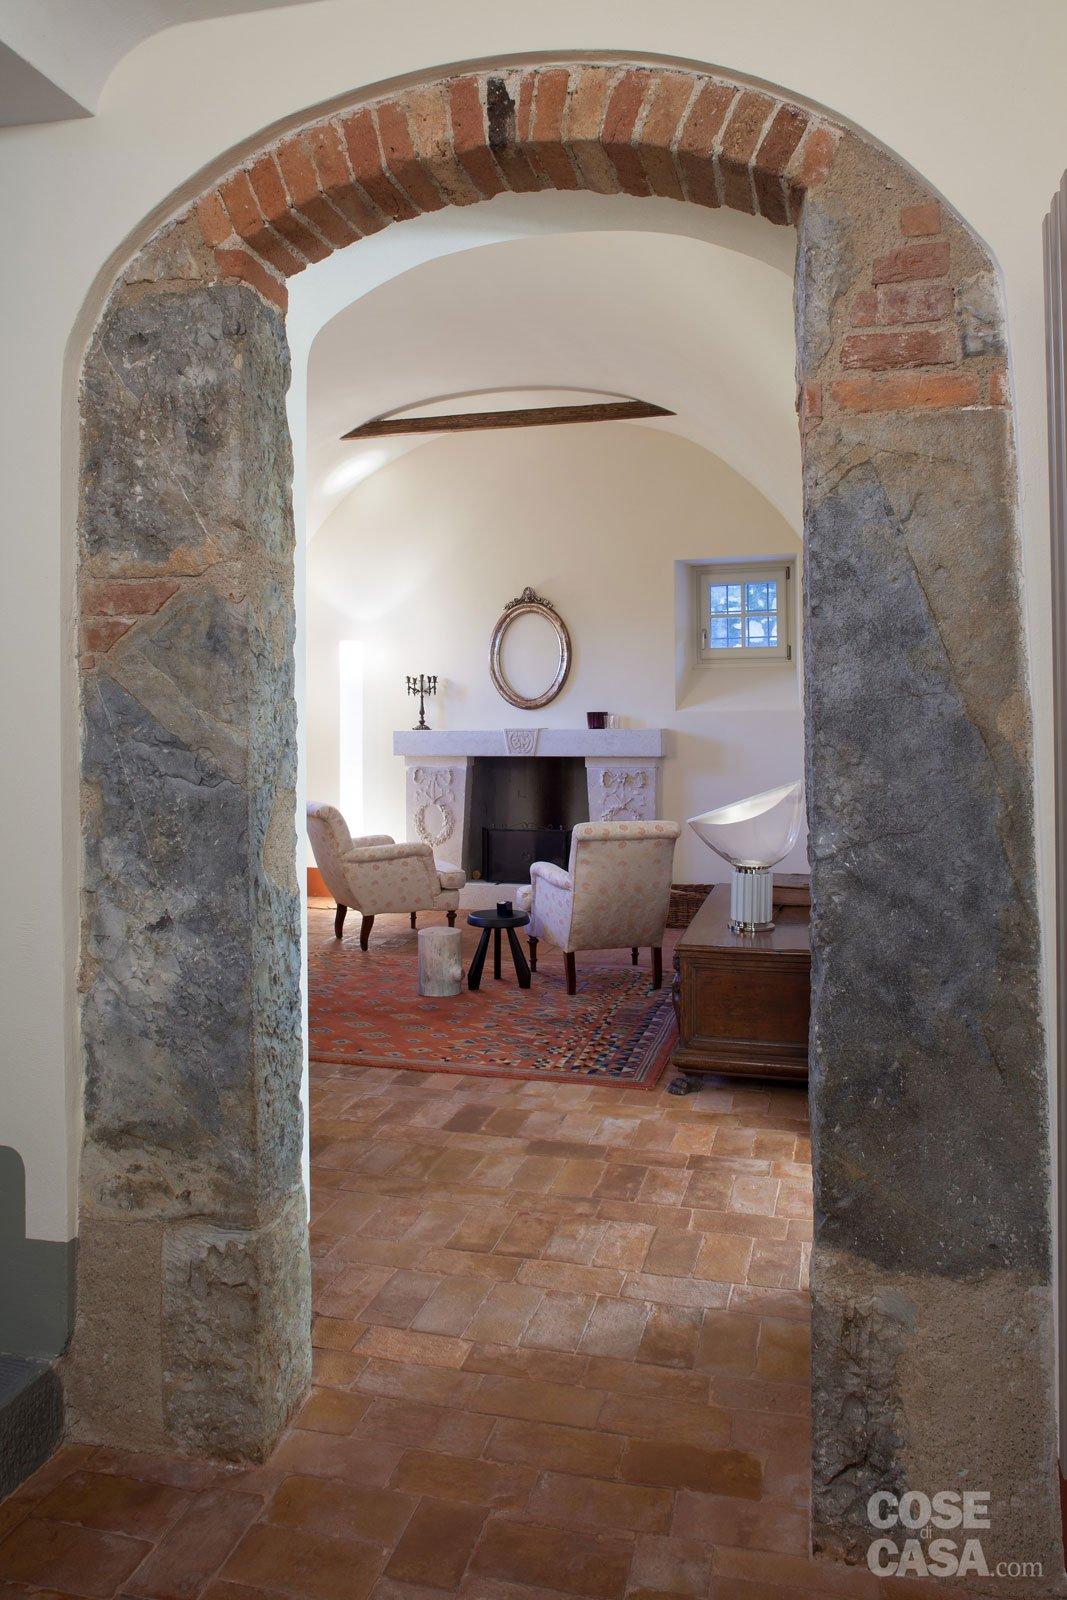 Una casa con ambienti moderni a sfondo rustico cose di casa for Case interne